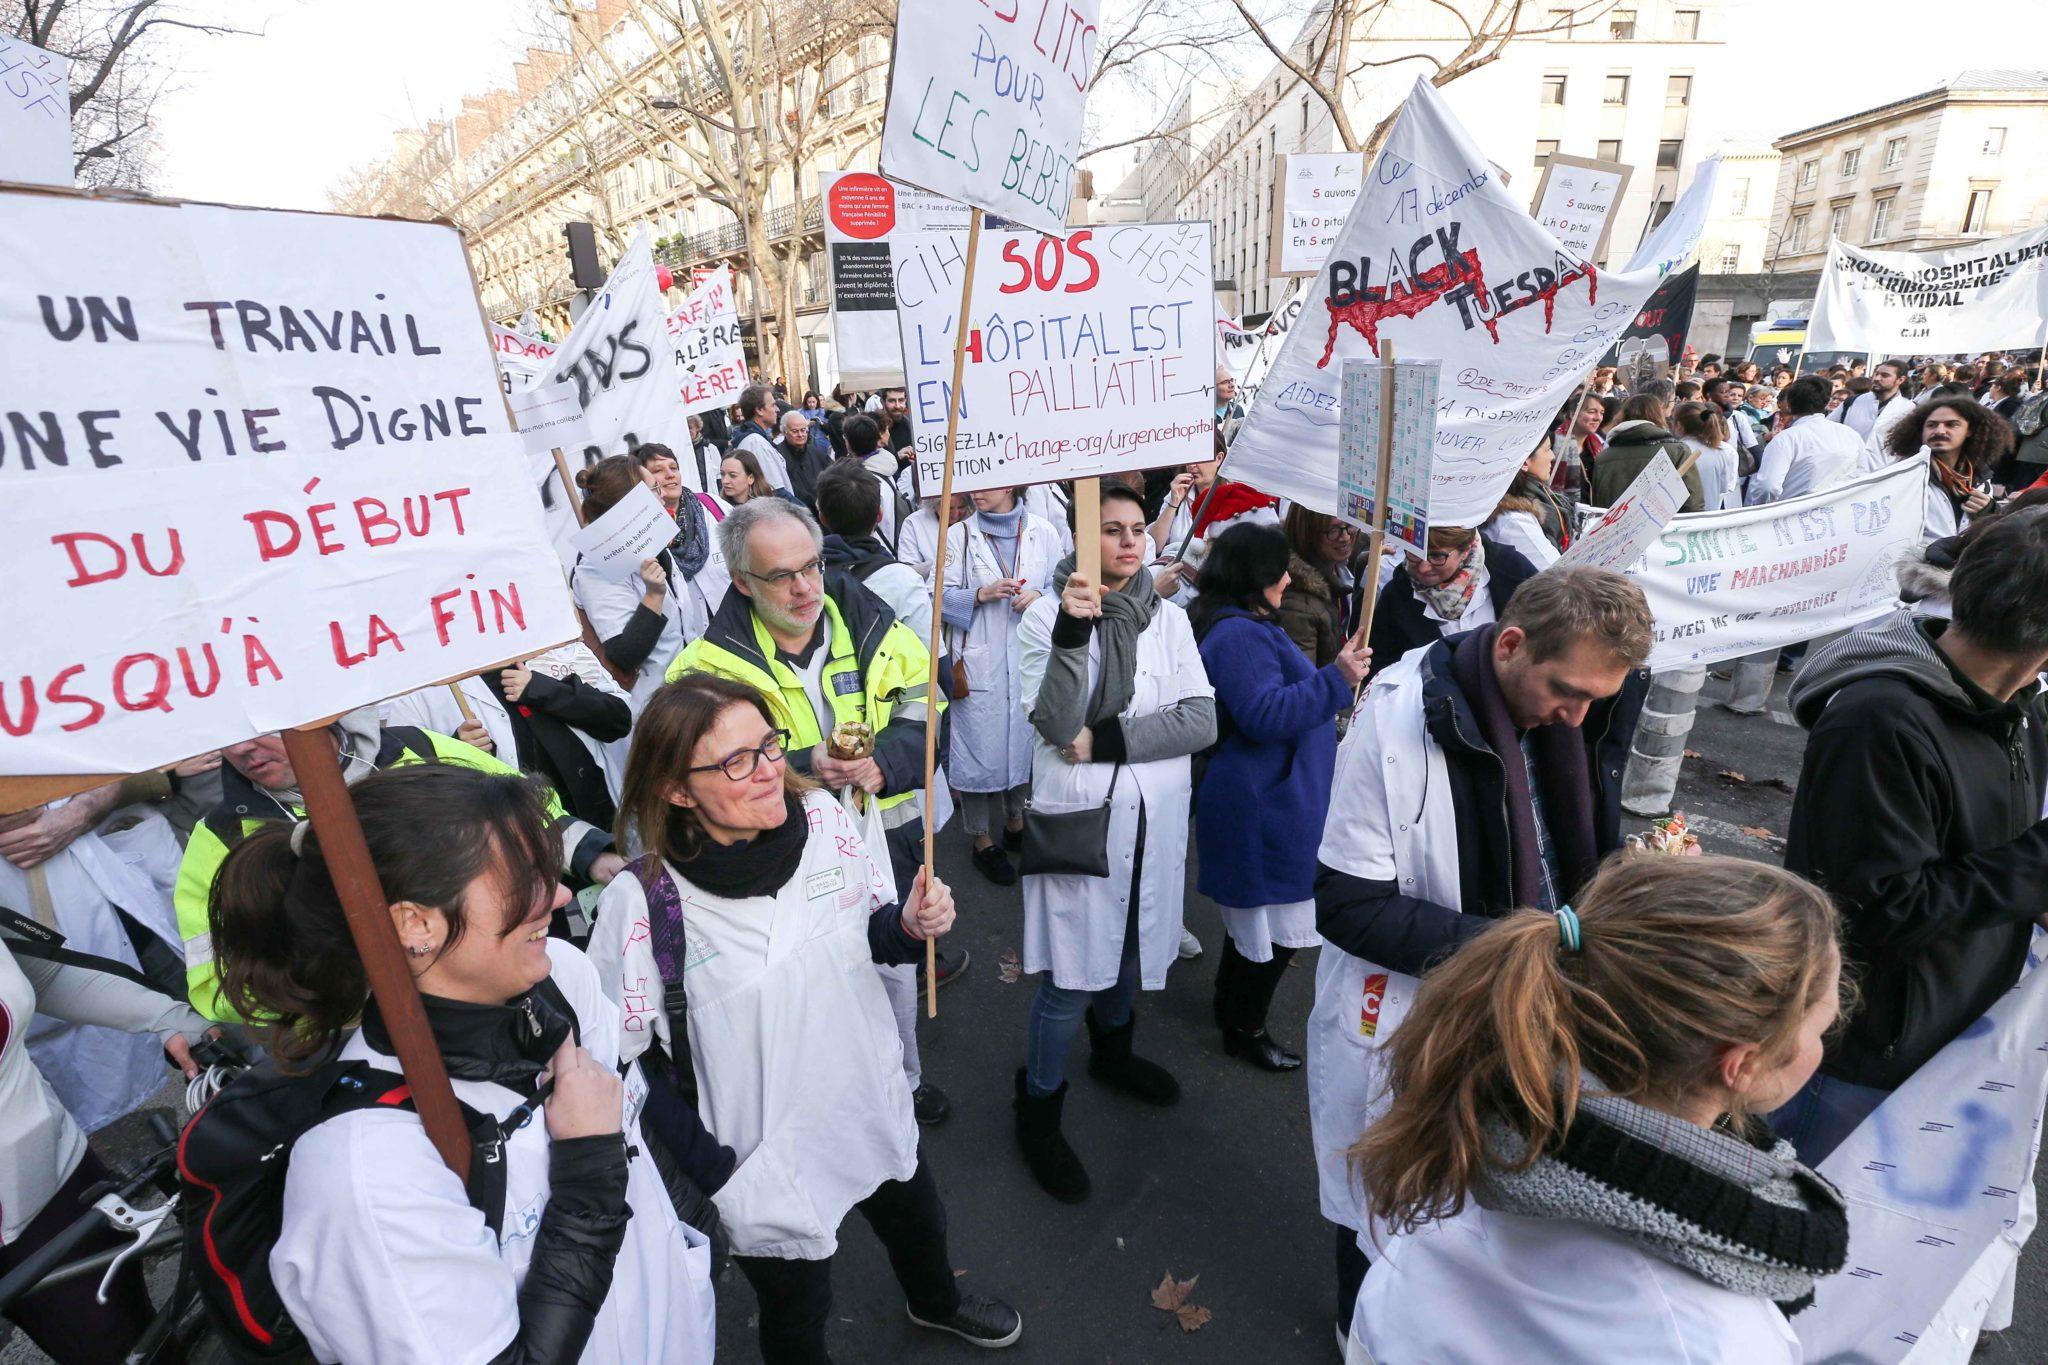 Rassemblement devant l'hôpital Lariboisière. © Michel Stoupak. Mar 17.12.2019, 12:12:05.